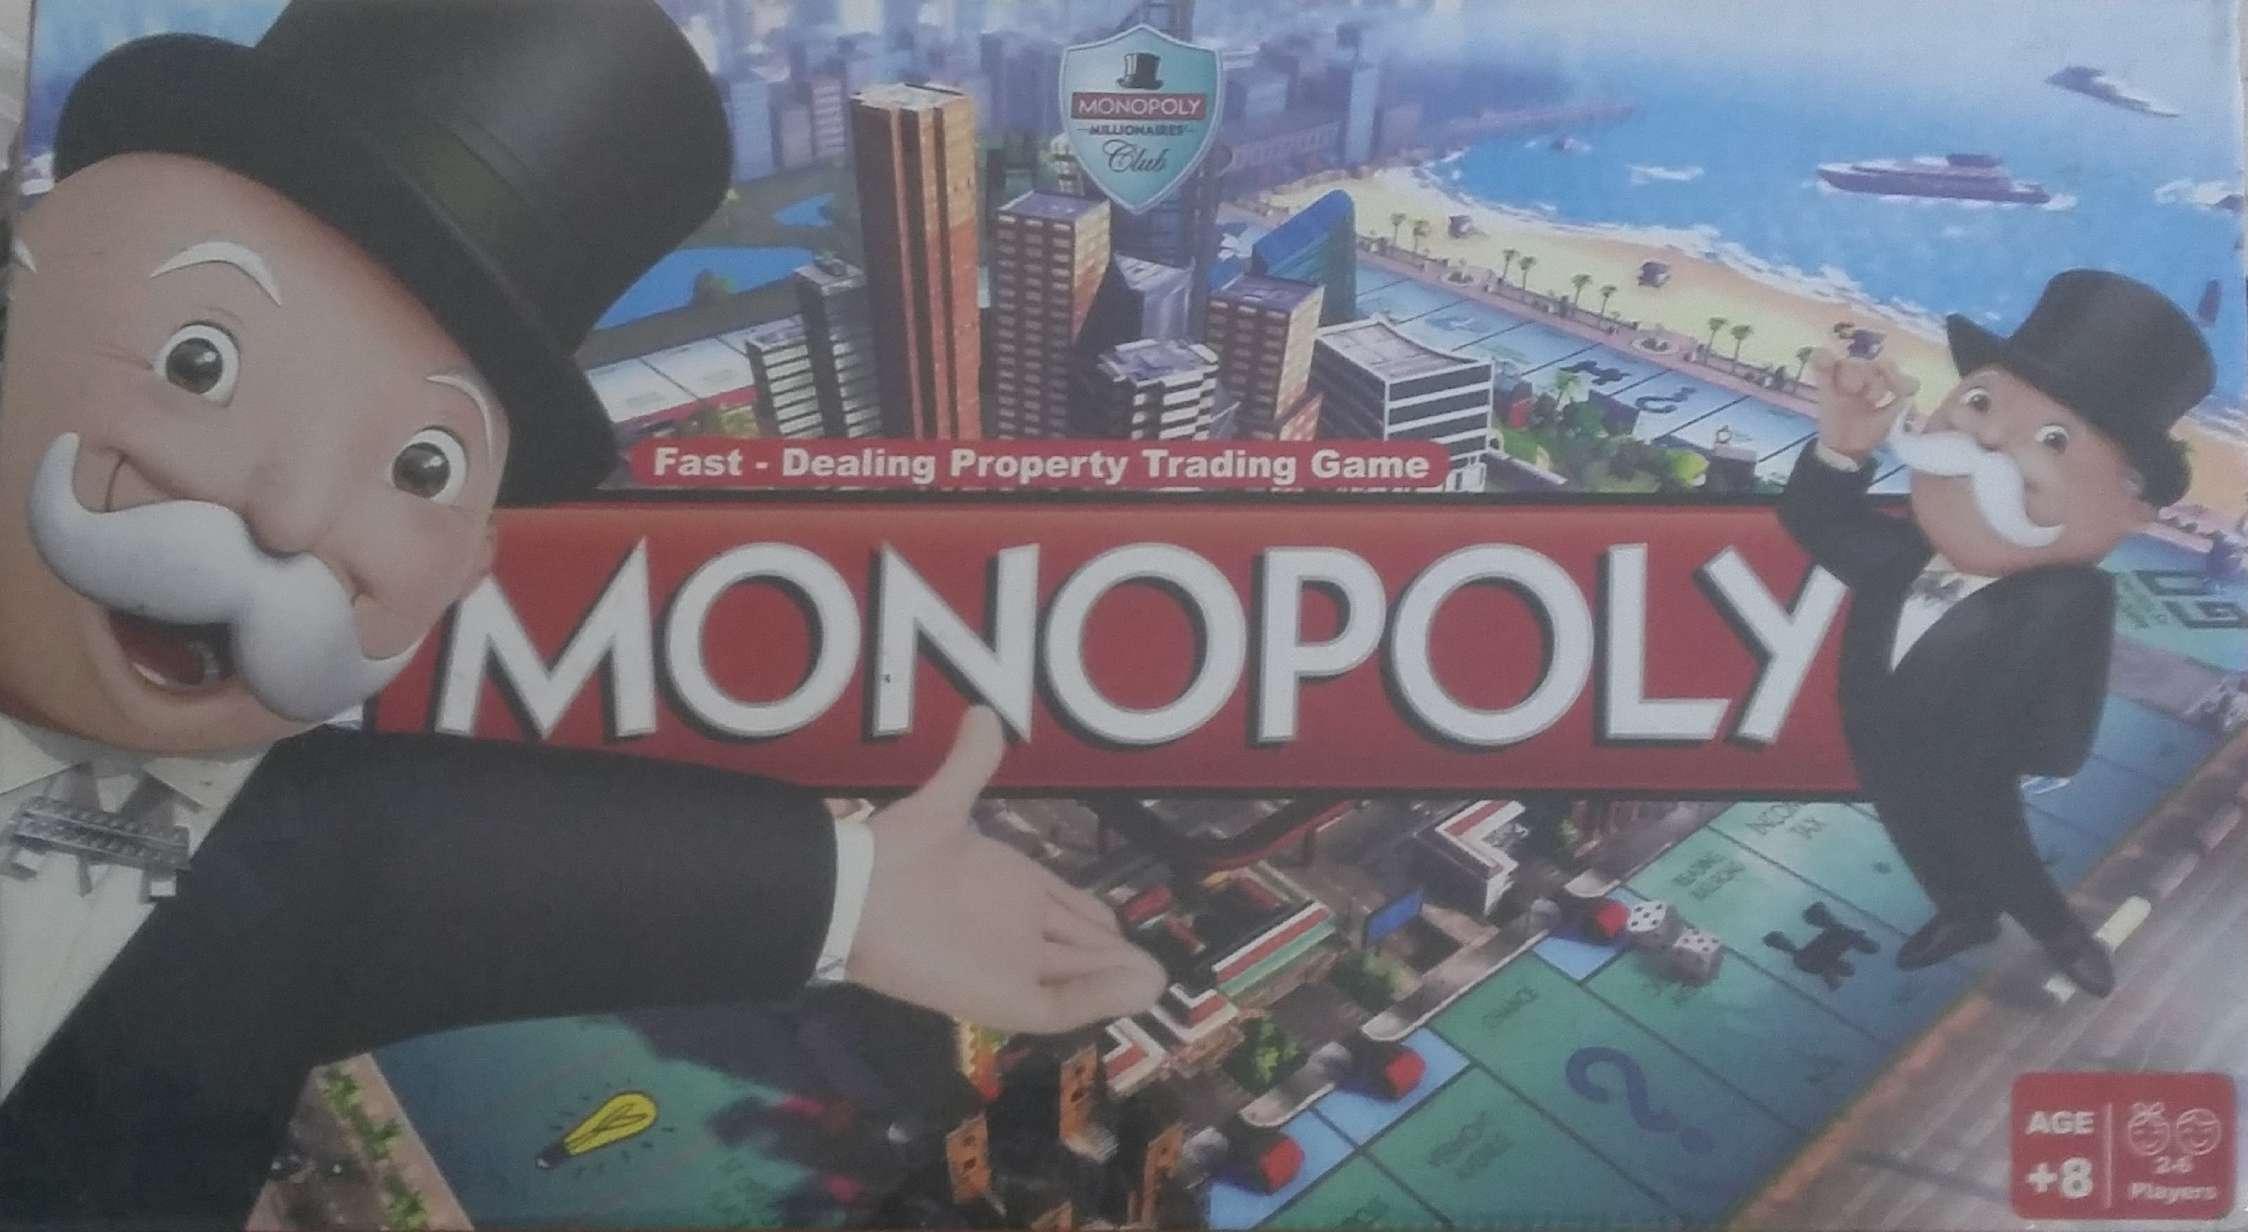 مونوپولي(Monopoly_)صادراتي